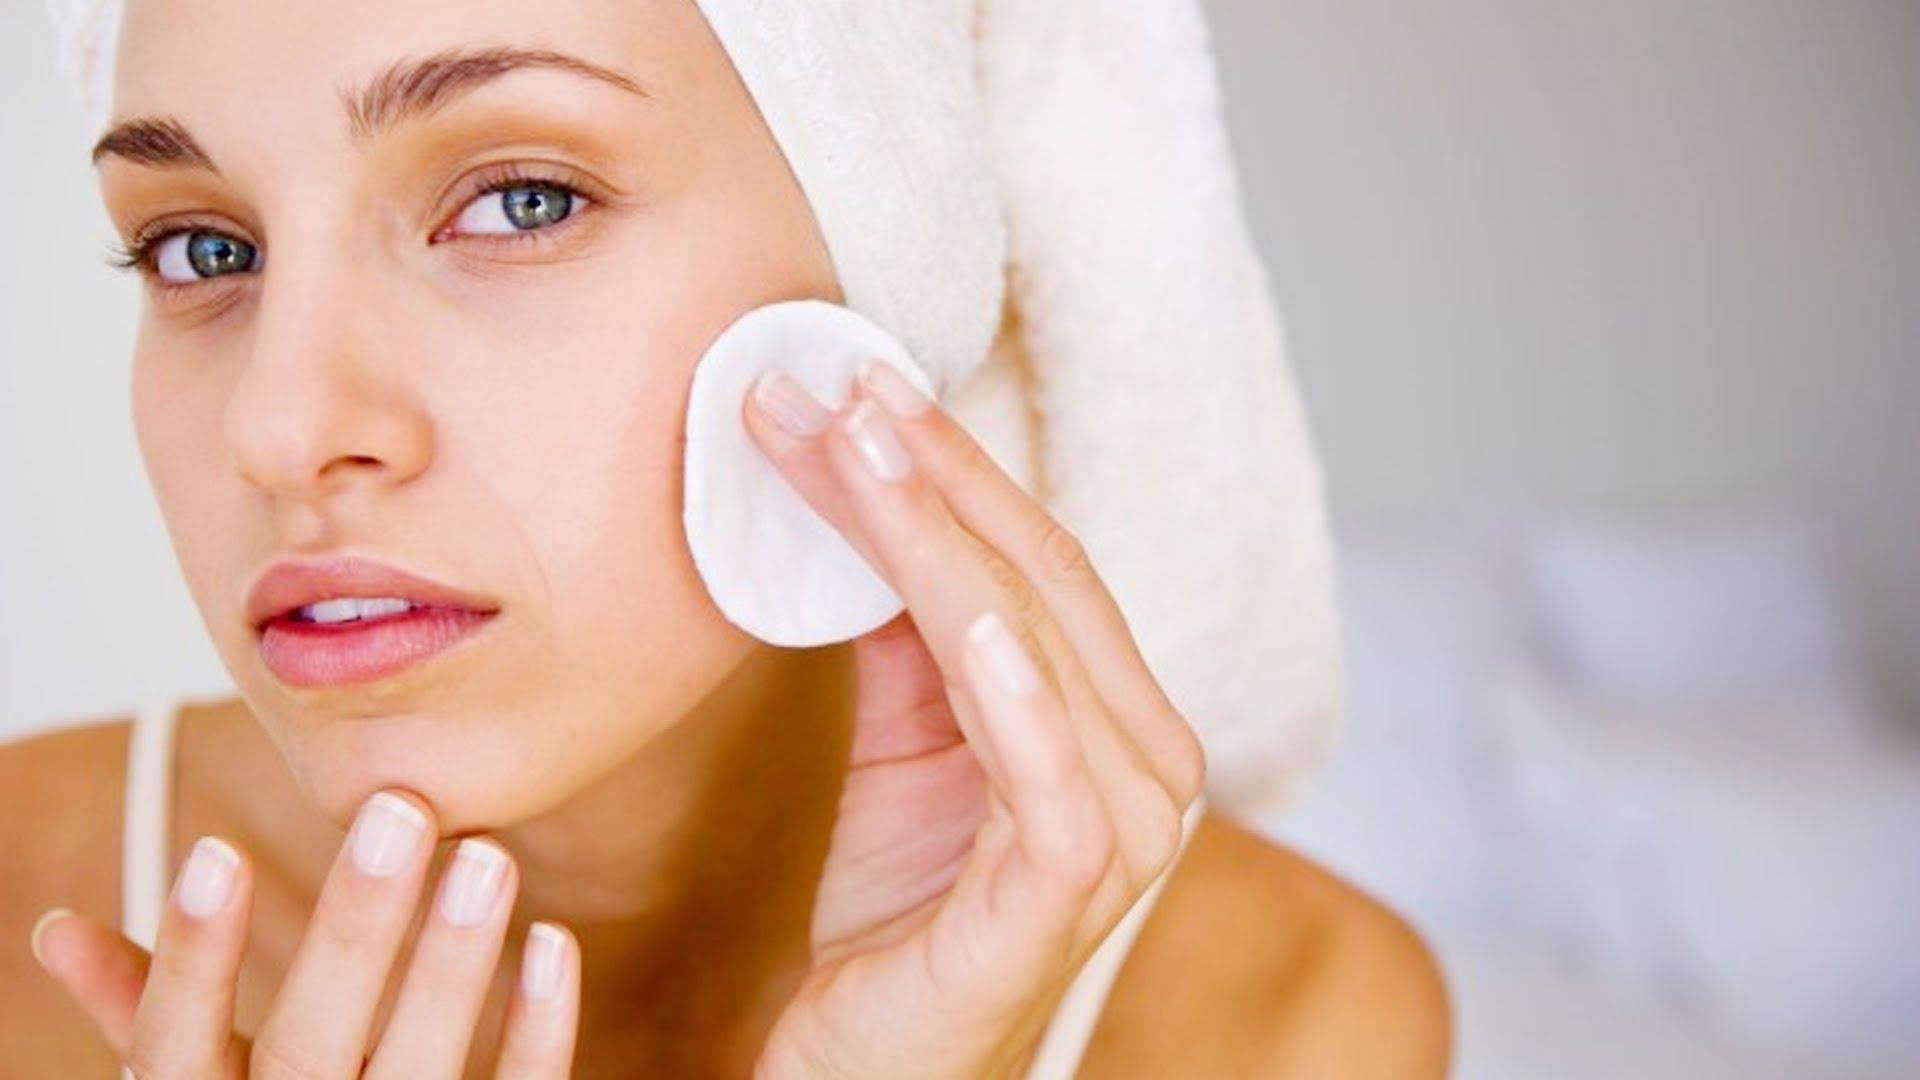 Как ухаживать за кожей лица? 7 повседневных лайфхаков